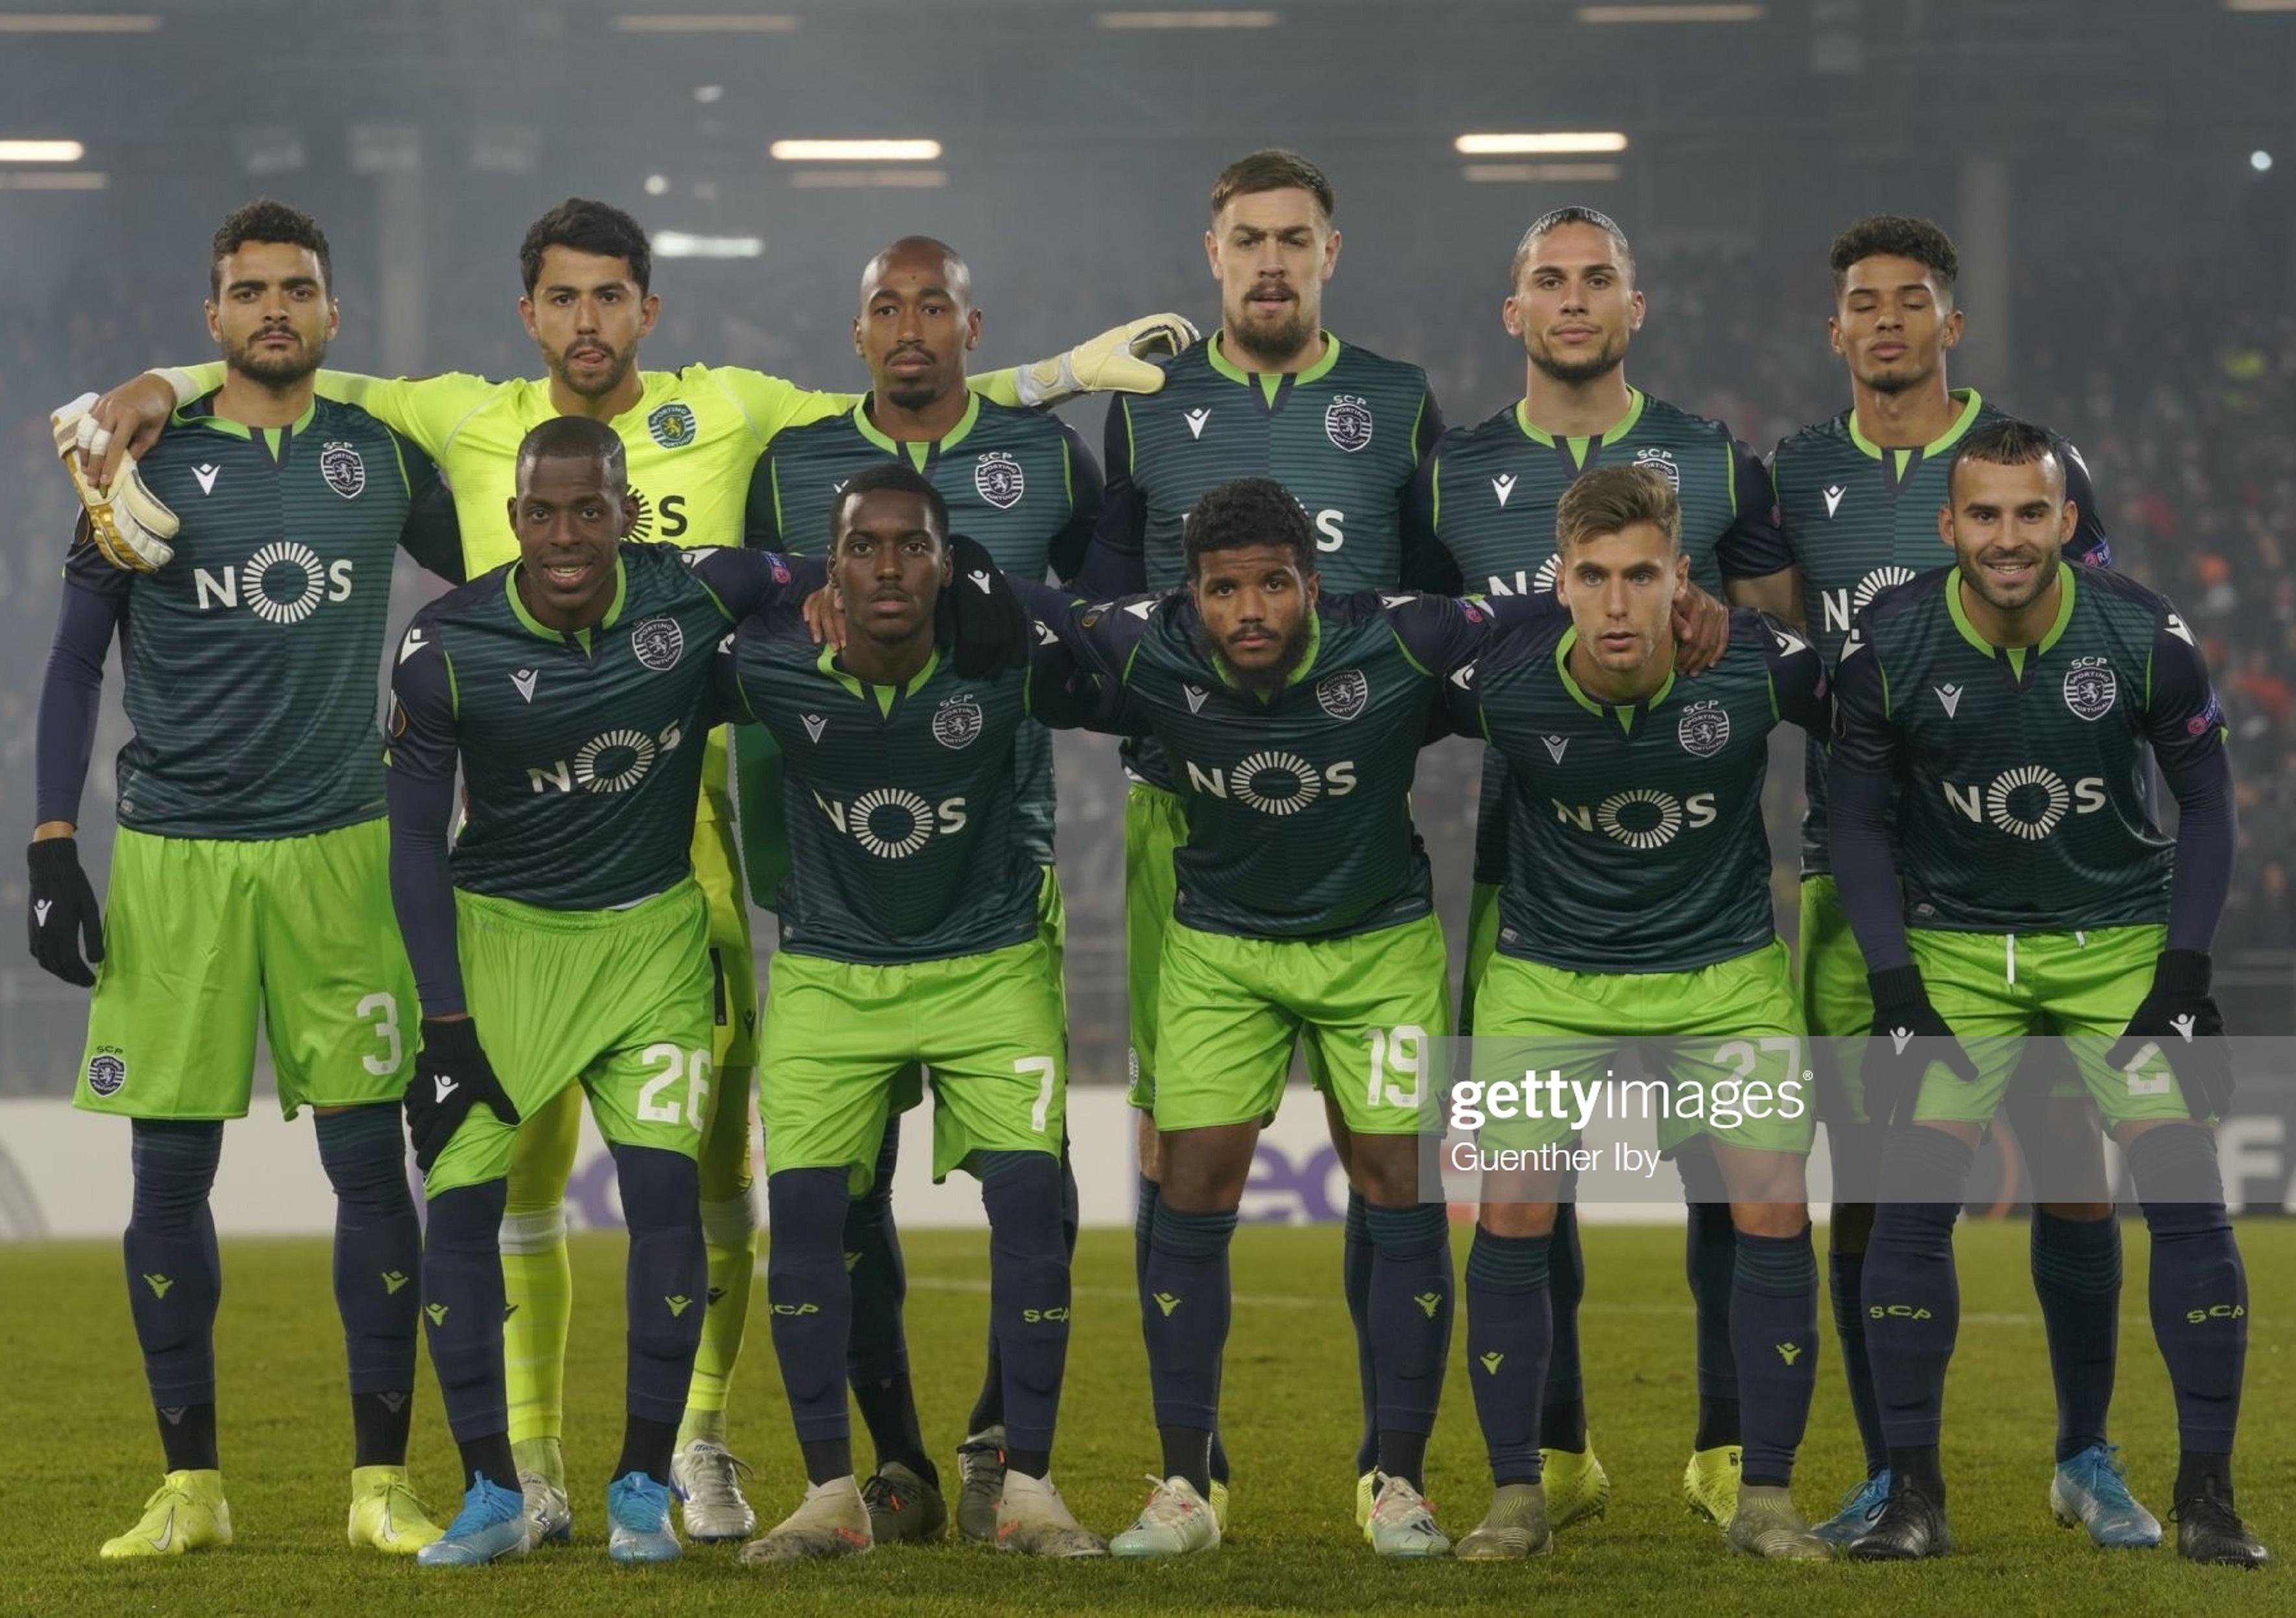 ЛАСК (Австрия) - Спортинг Лиссабон (Португалия) 3:0. Нажмите, чтобы посмотреть истинный размер рисунка